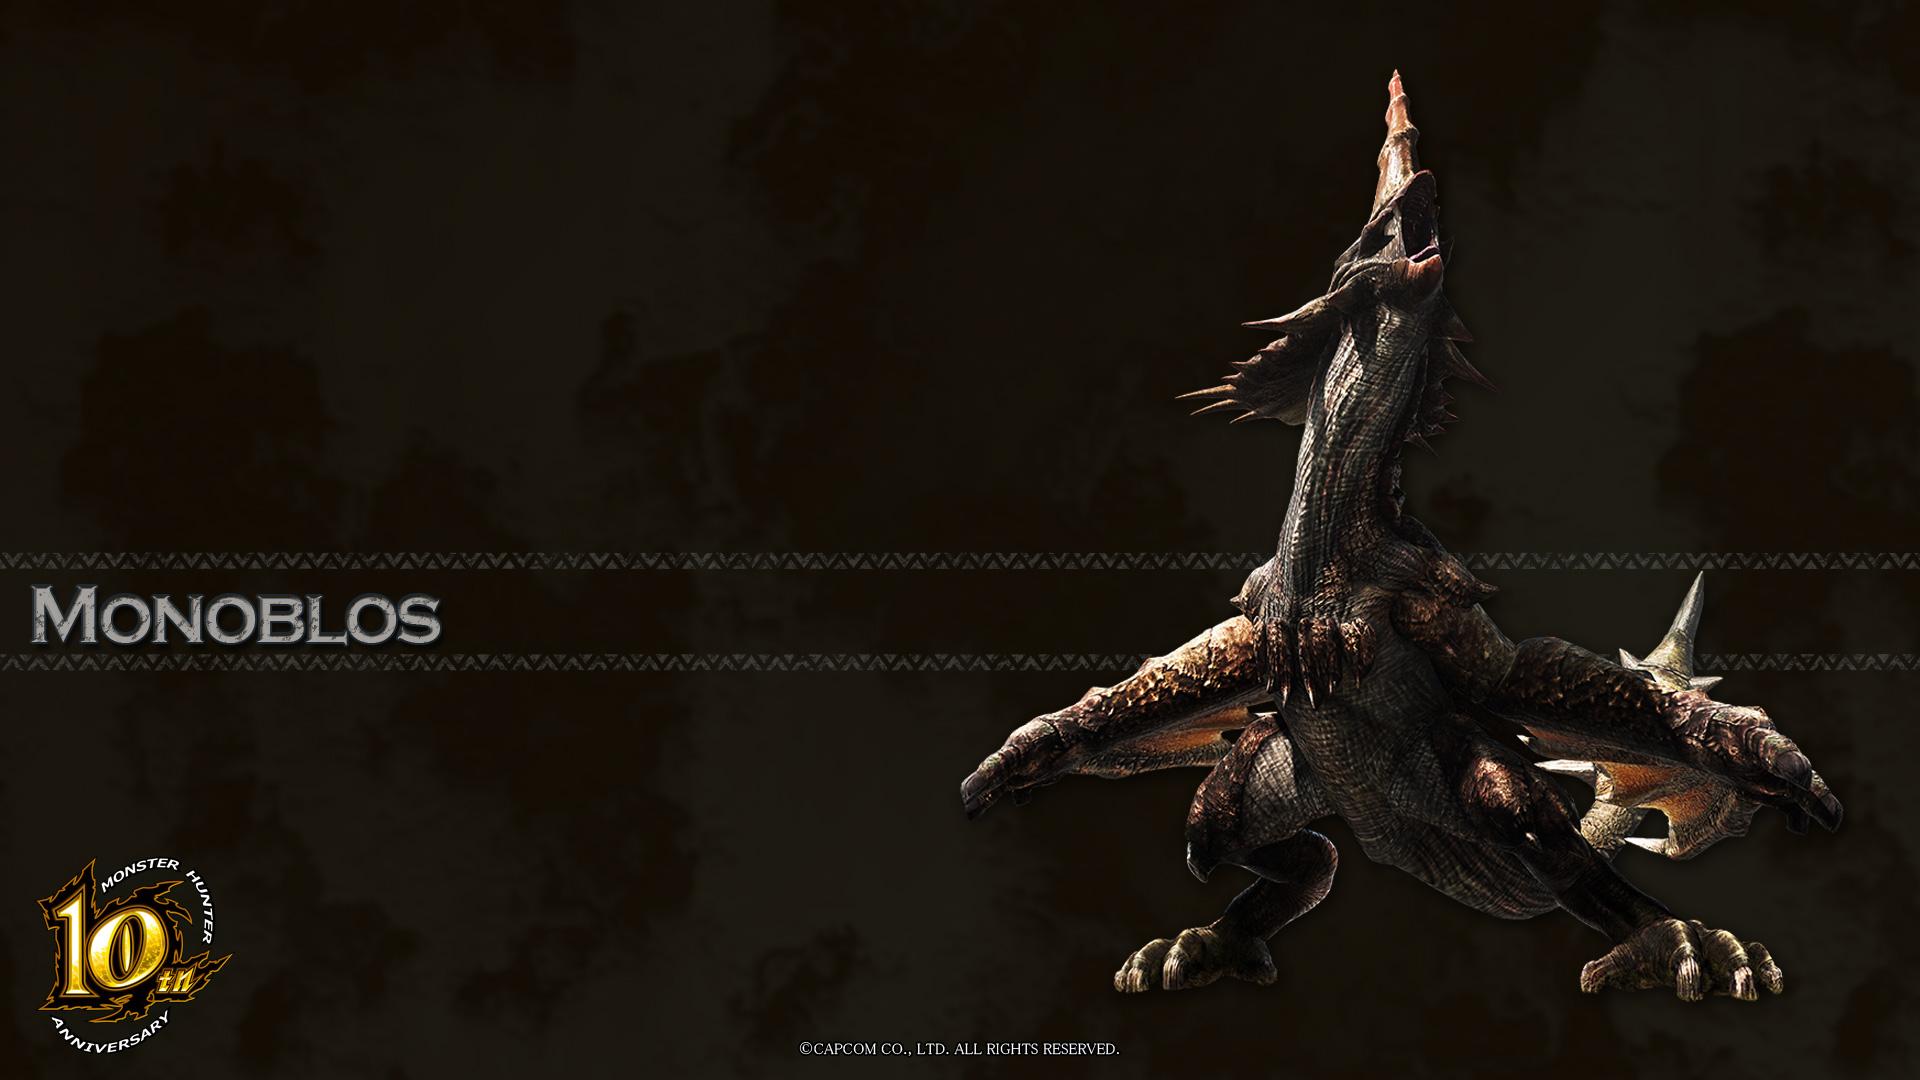 monster hunter mobile wallpapers